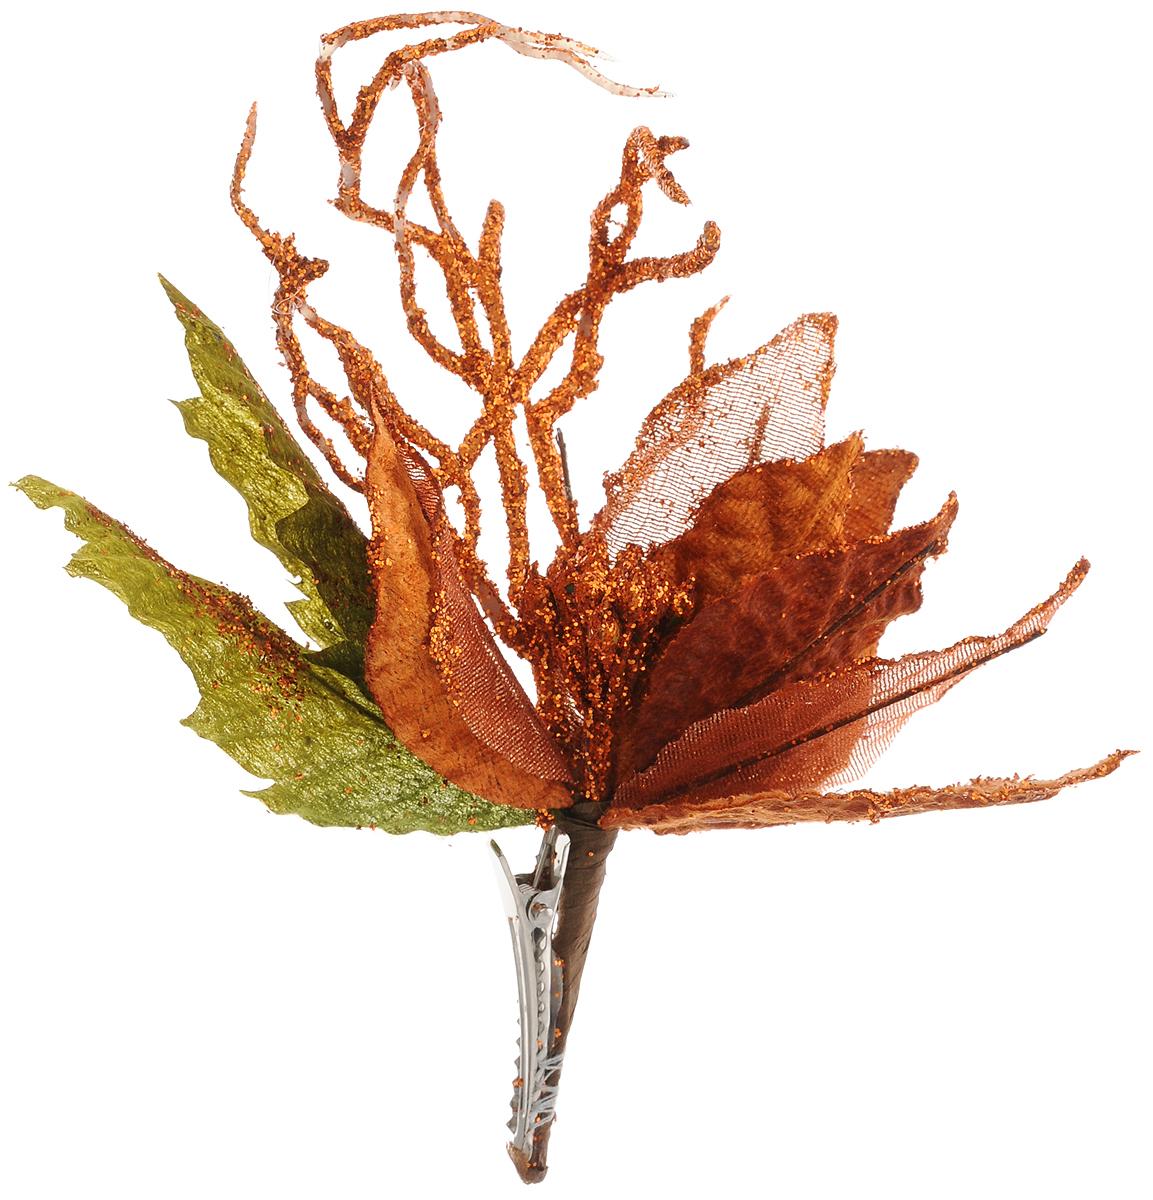 Украшение новогоднее Феникс-Презент Пуансеттия оранжевая, на клипсе, 13 x 16 см42501Новогоднее украшение Феникс-Презент Пуансеттия оранжевая выполнено из поливинилхлорида в форме букета из листьев. Изделие крепится с помощью клипсы. Украшение можно прикрепить в любом понравившемся вам месте. Но, конечно, удачнее всего оно будет смотреться на праздничной елке.Елочная игрушка - символ Нового года. Она несет в себе волшебство и красоту праздника. Создайте в своем доме атмосферу веселья и радости, украшая новогоднюю елку нарядными игрушками, которые будут из года в год накапливать теплоту воспоминаний.Материал: поливинилхлорид.Размеры: 13 х 16 см.